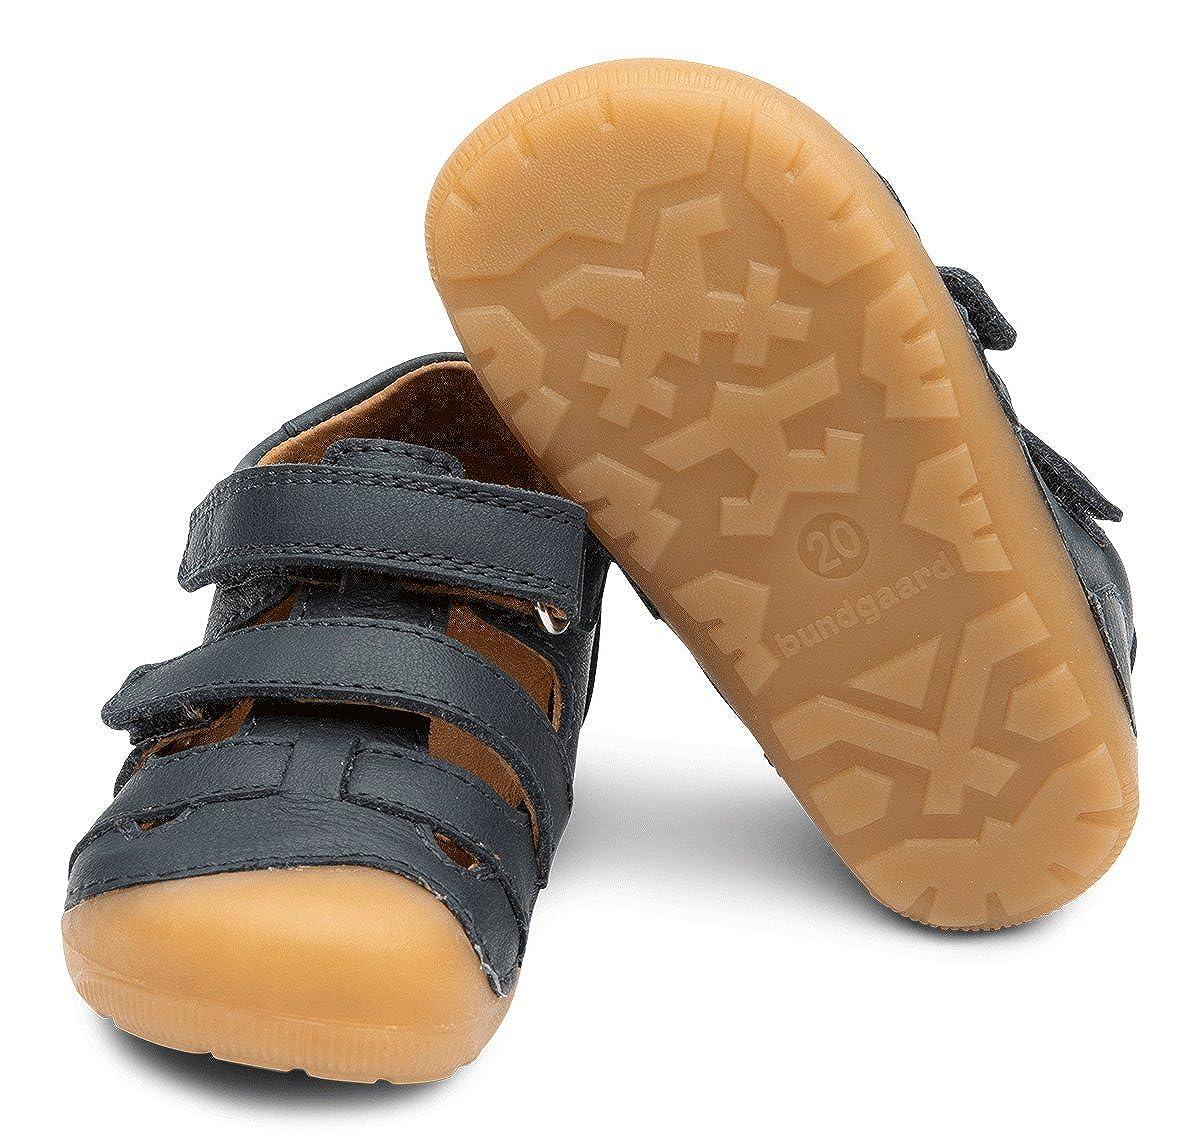 2344a02d5f6 Bundgaard Petit Sandal: Amazon.co.uk: Shoes & Bags